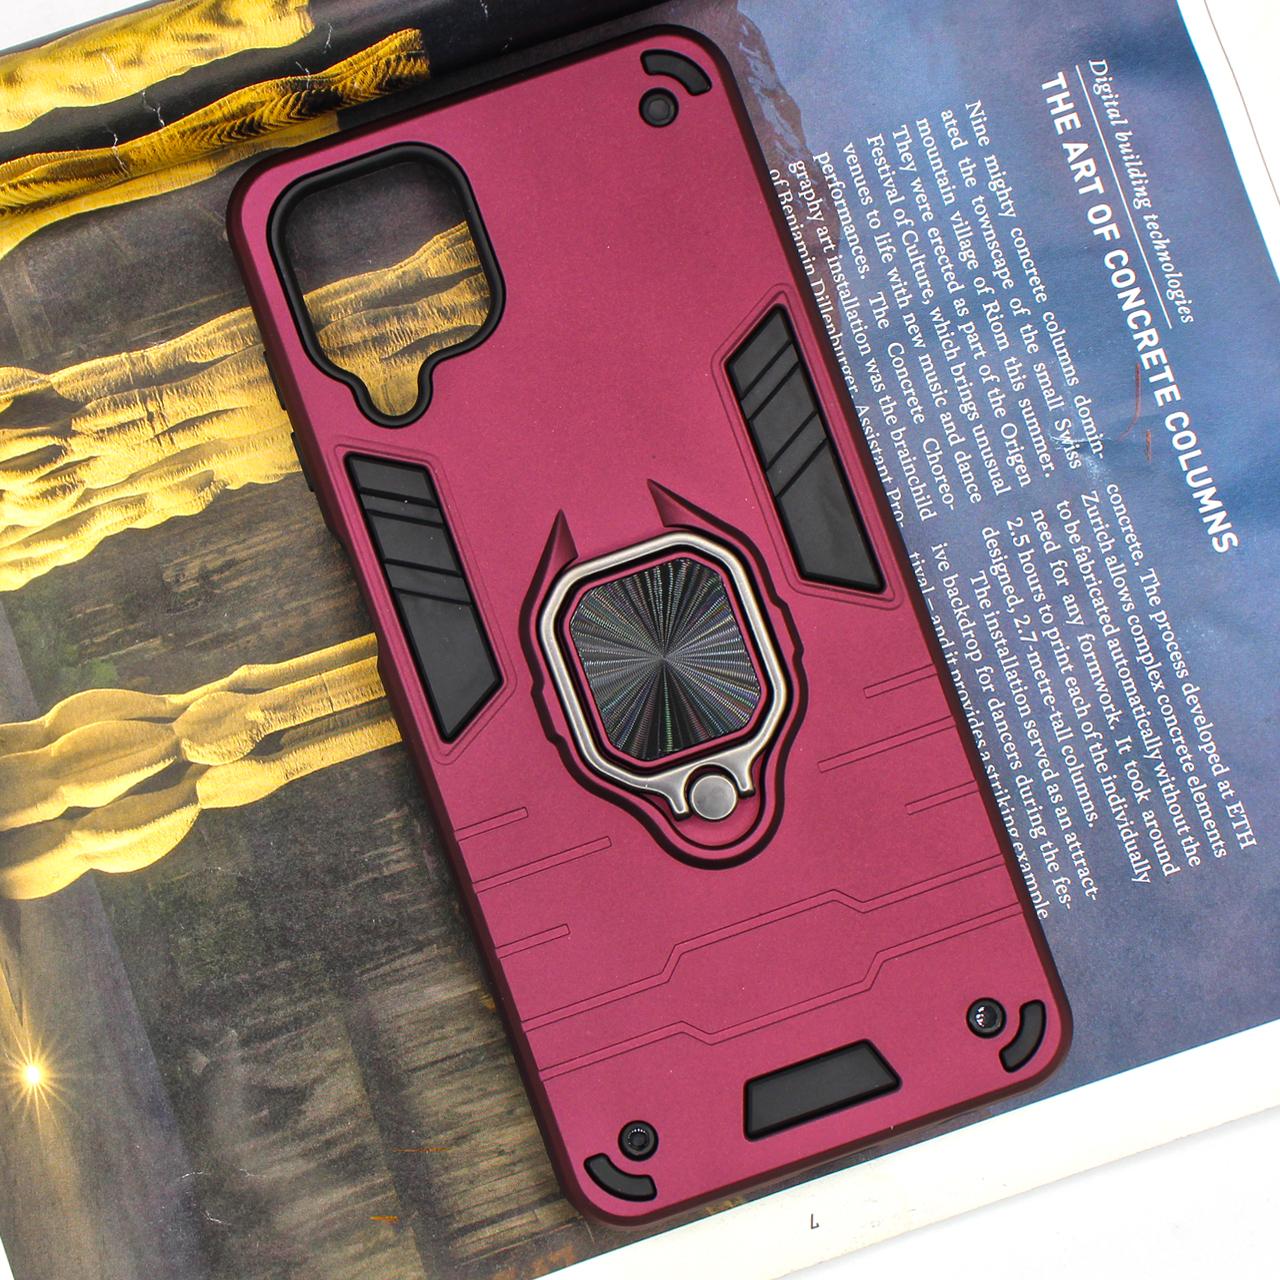 کاور کینگ پاور مدل ASH22 مناسب برای گوشی موبایل سامسونگ Galaxy A12 main 1 13